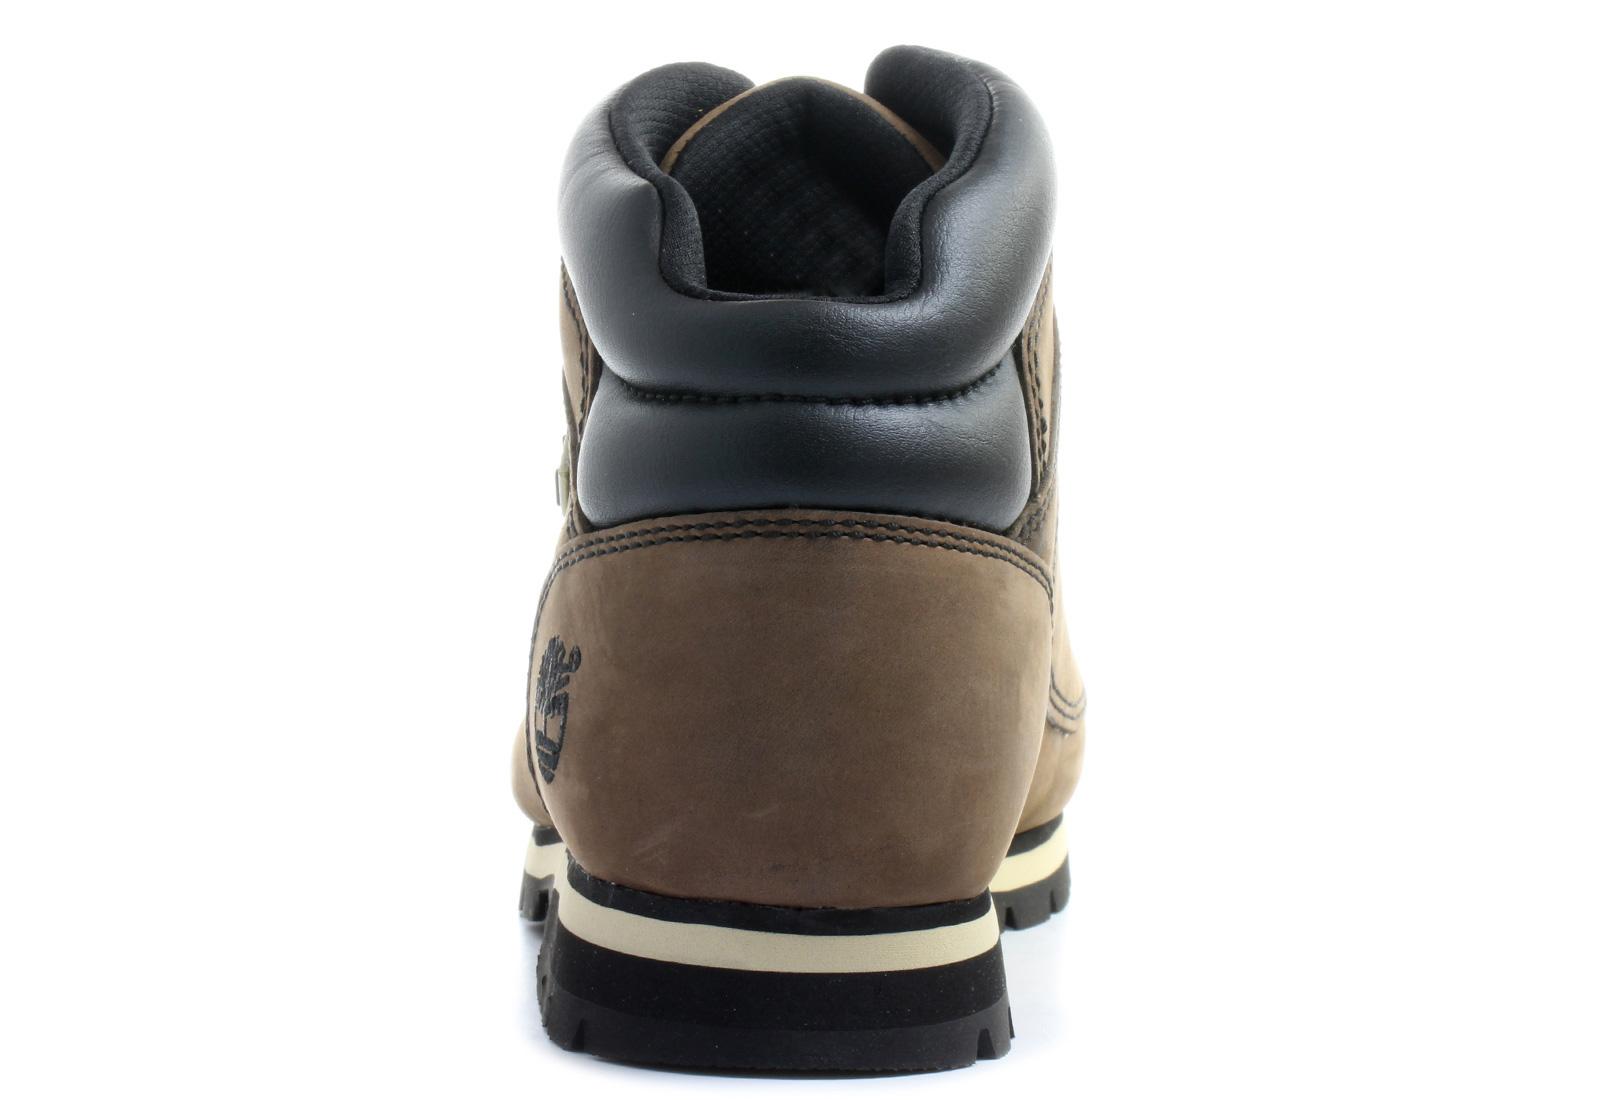 Shop Shoes Office Online Online Office Shoes Shop Office Shoes wqxpY8784